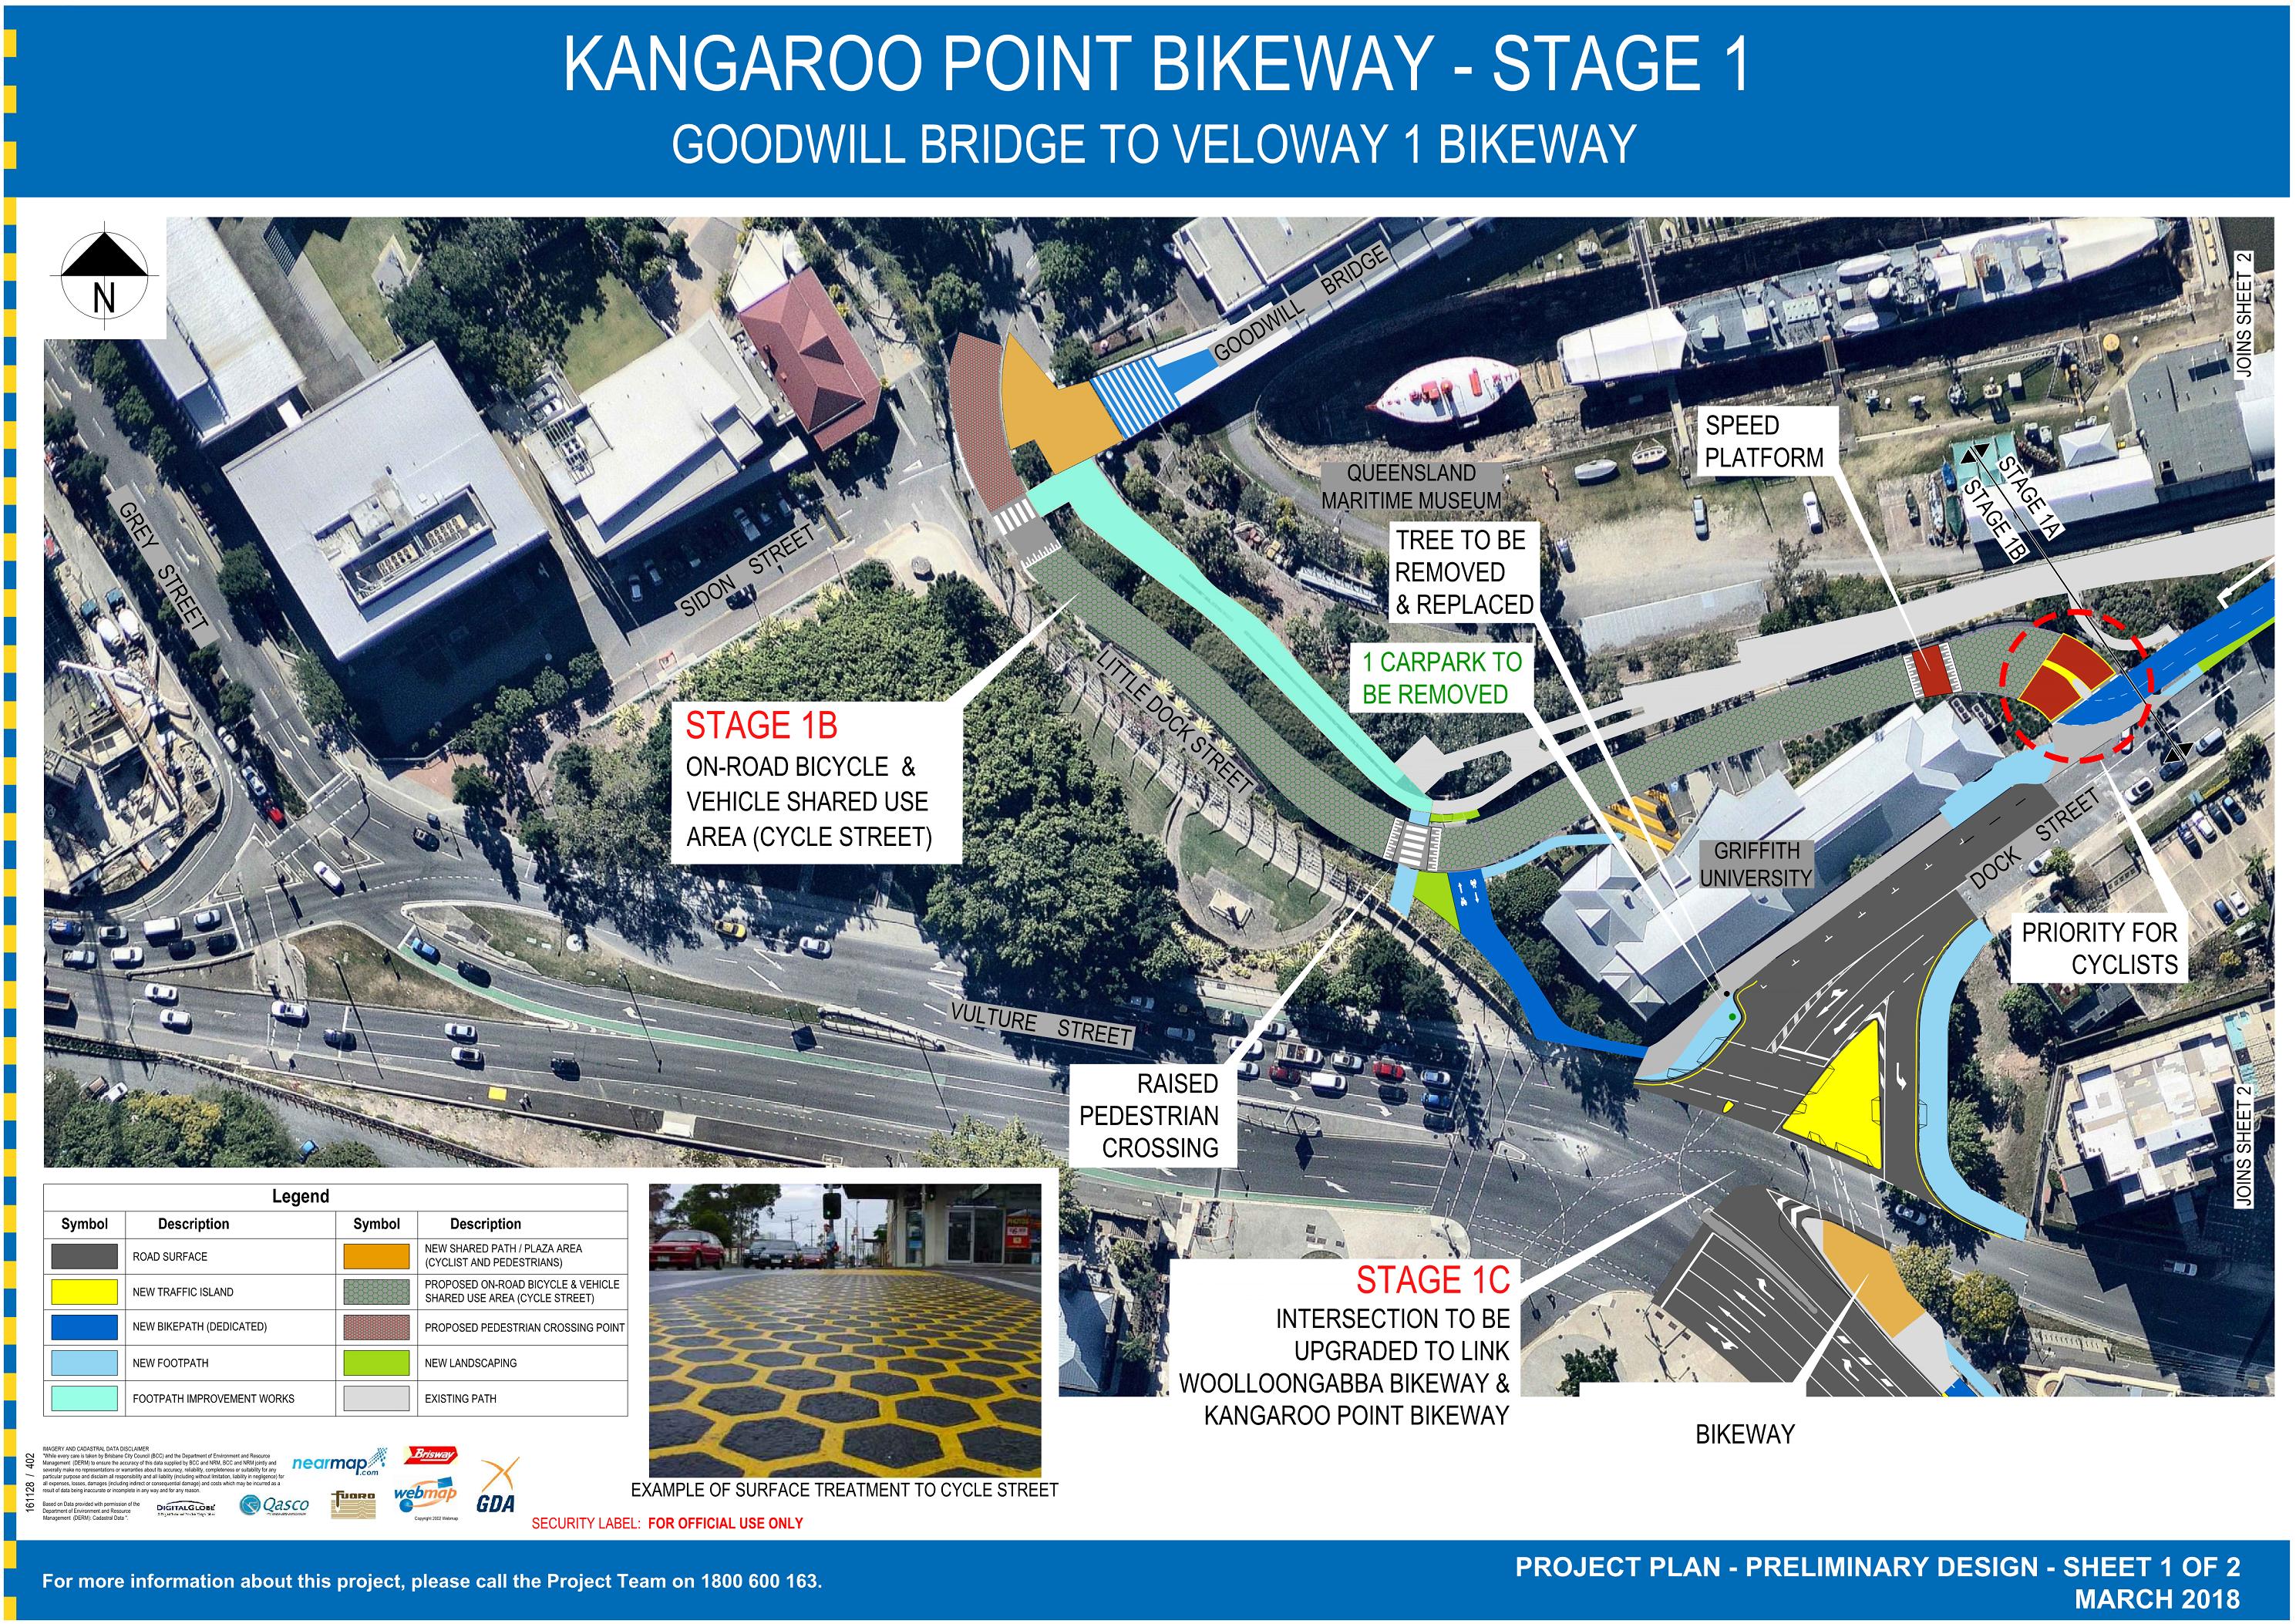 Kangaroo_Point_Bikeway_Plans1.png